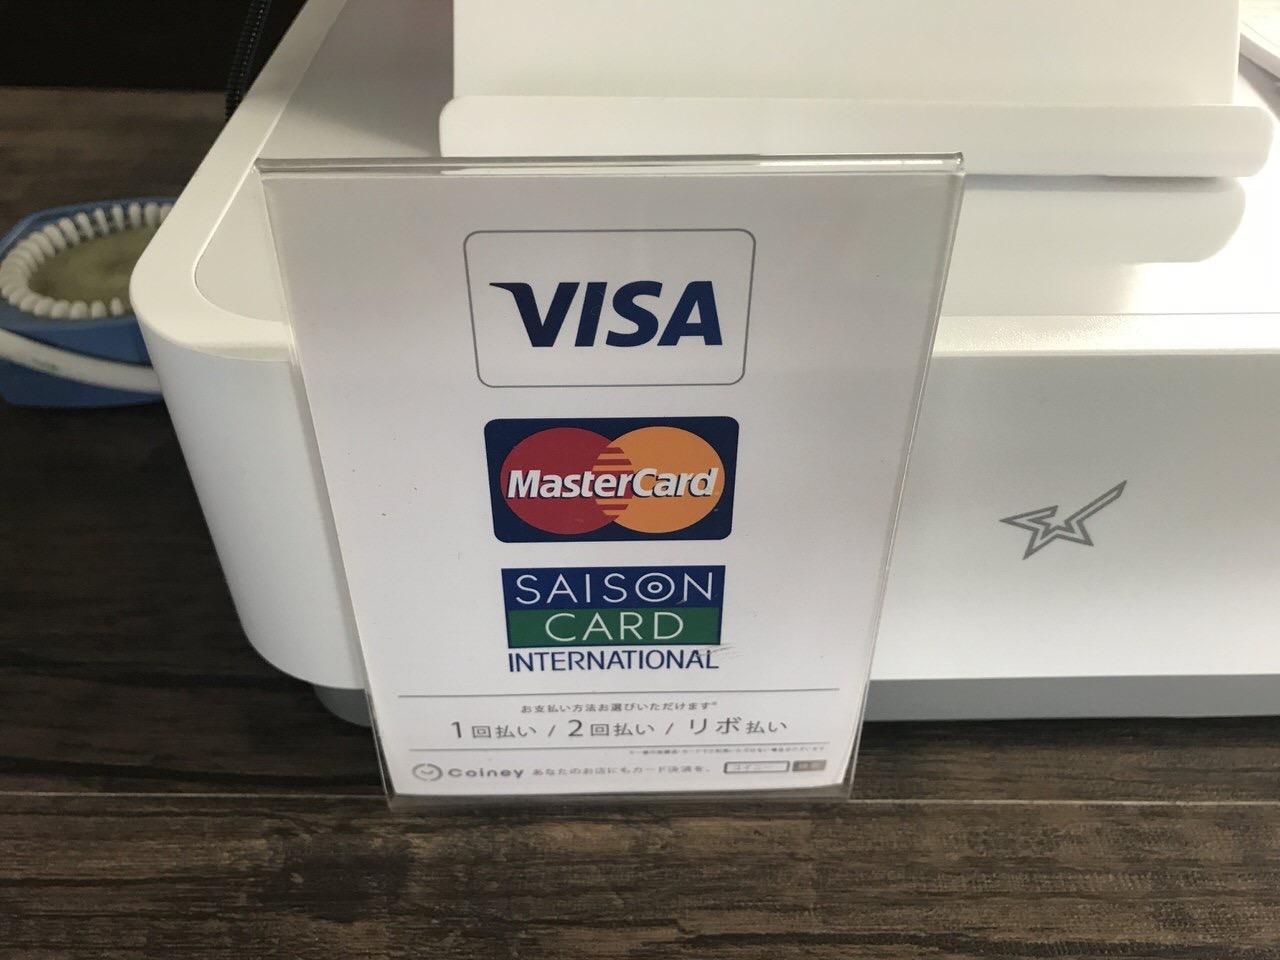 美園いちごランド クレジットカードが使える